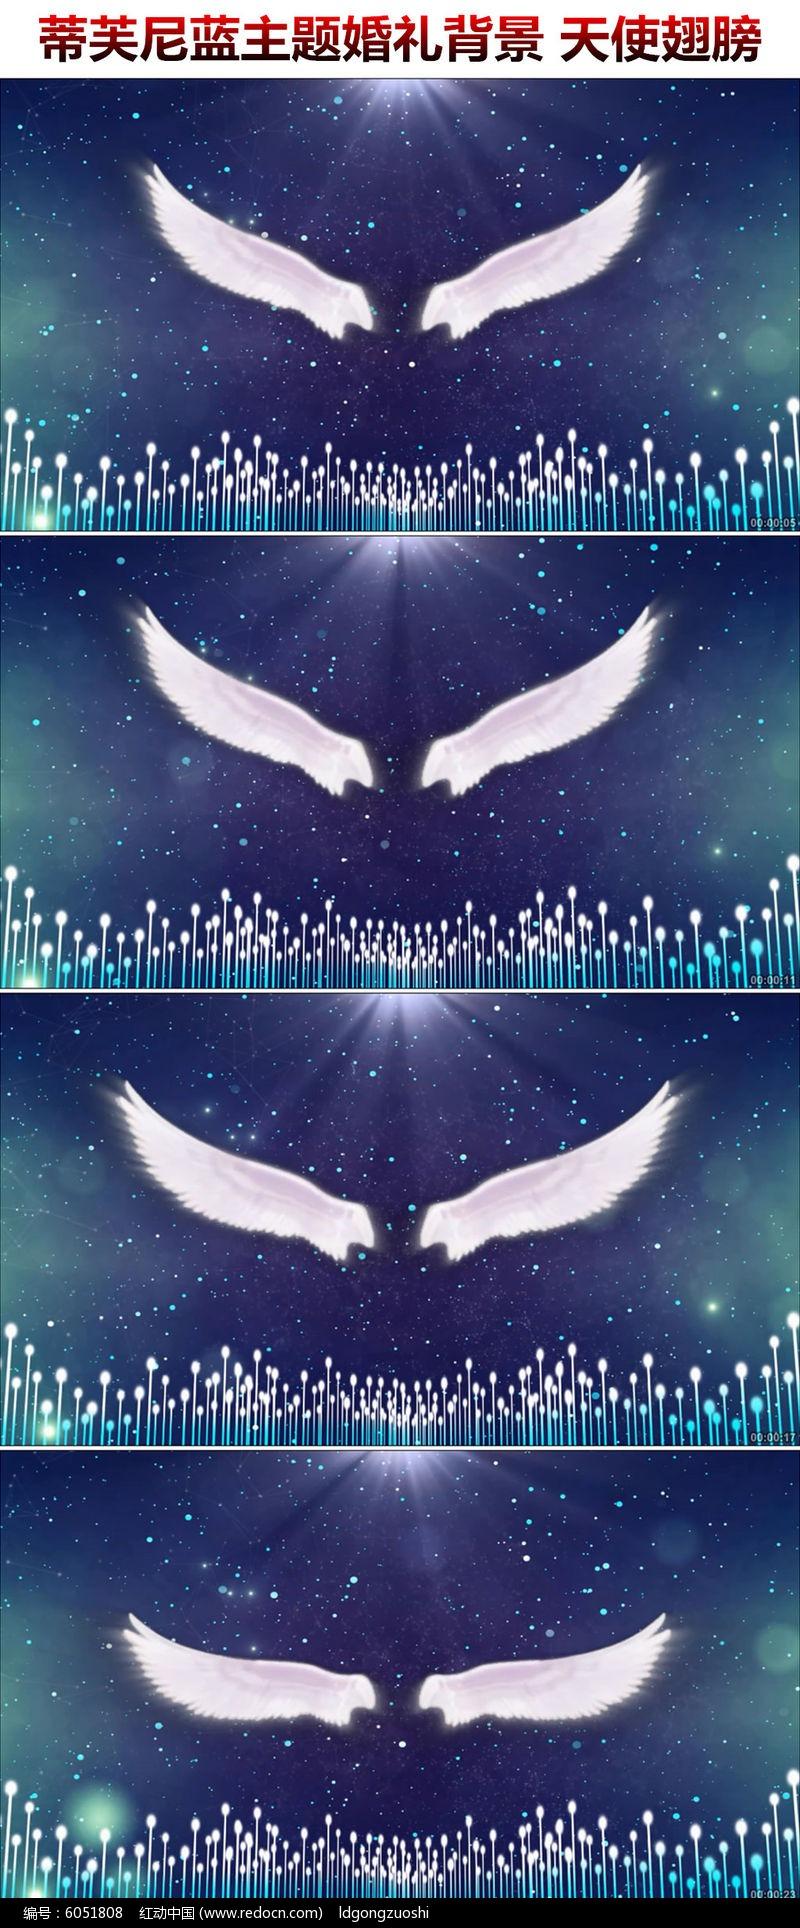 天使翅膀蒂芙妮蓝婚礼主题背景新娘出场婚庆led视频素材图片